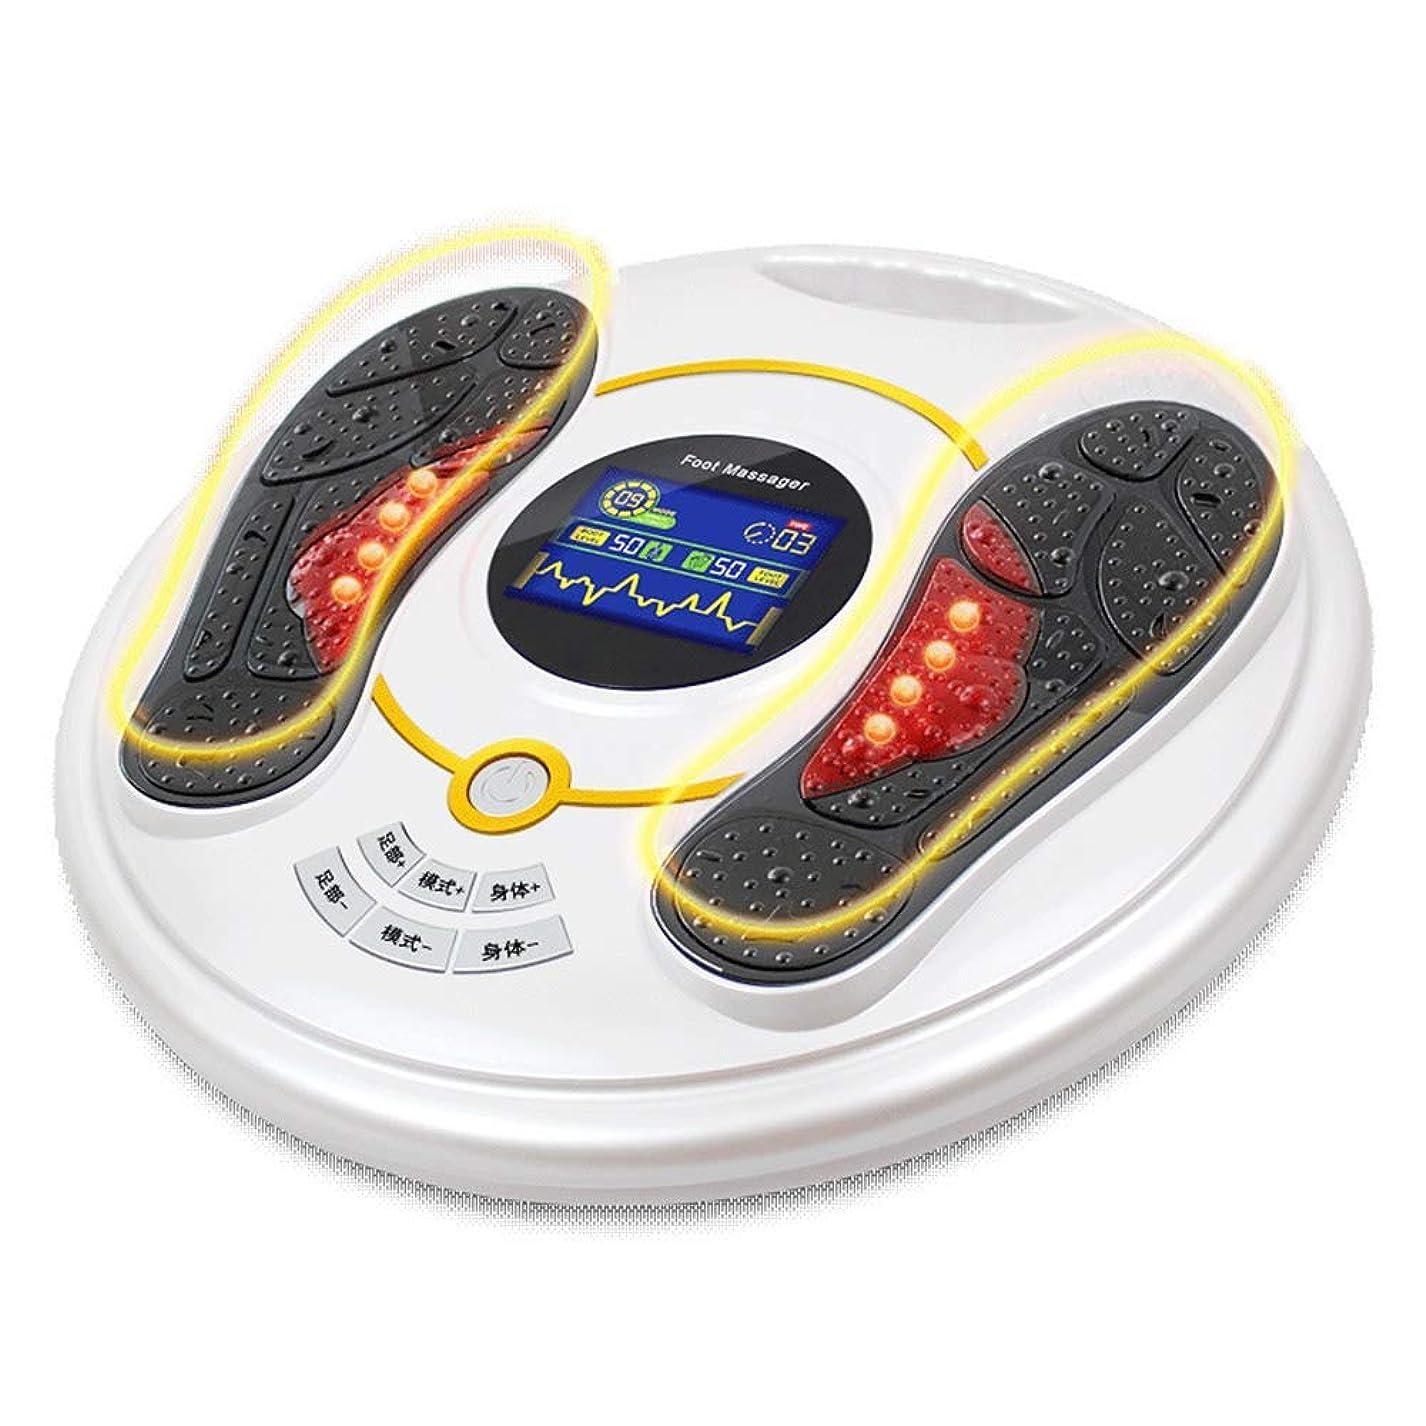 シャッターステッチアクティブ血液循環を促進電動フットマッサージャー50のマッサージモードフットマッサージエクスペリエンス用の99スピードマッサージ力調整、ホワイト